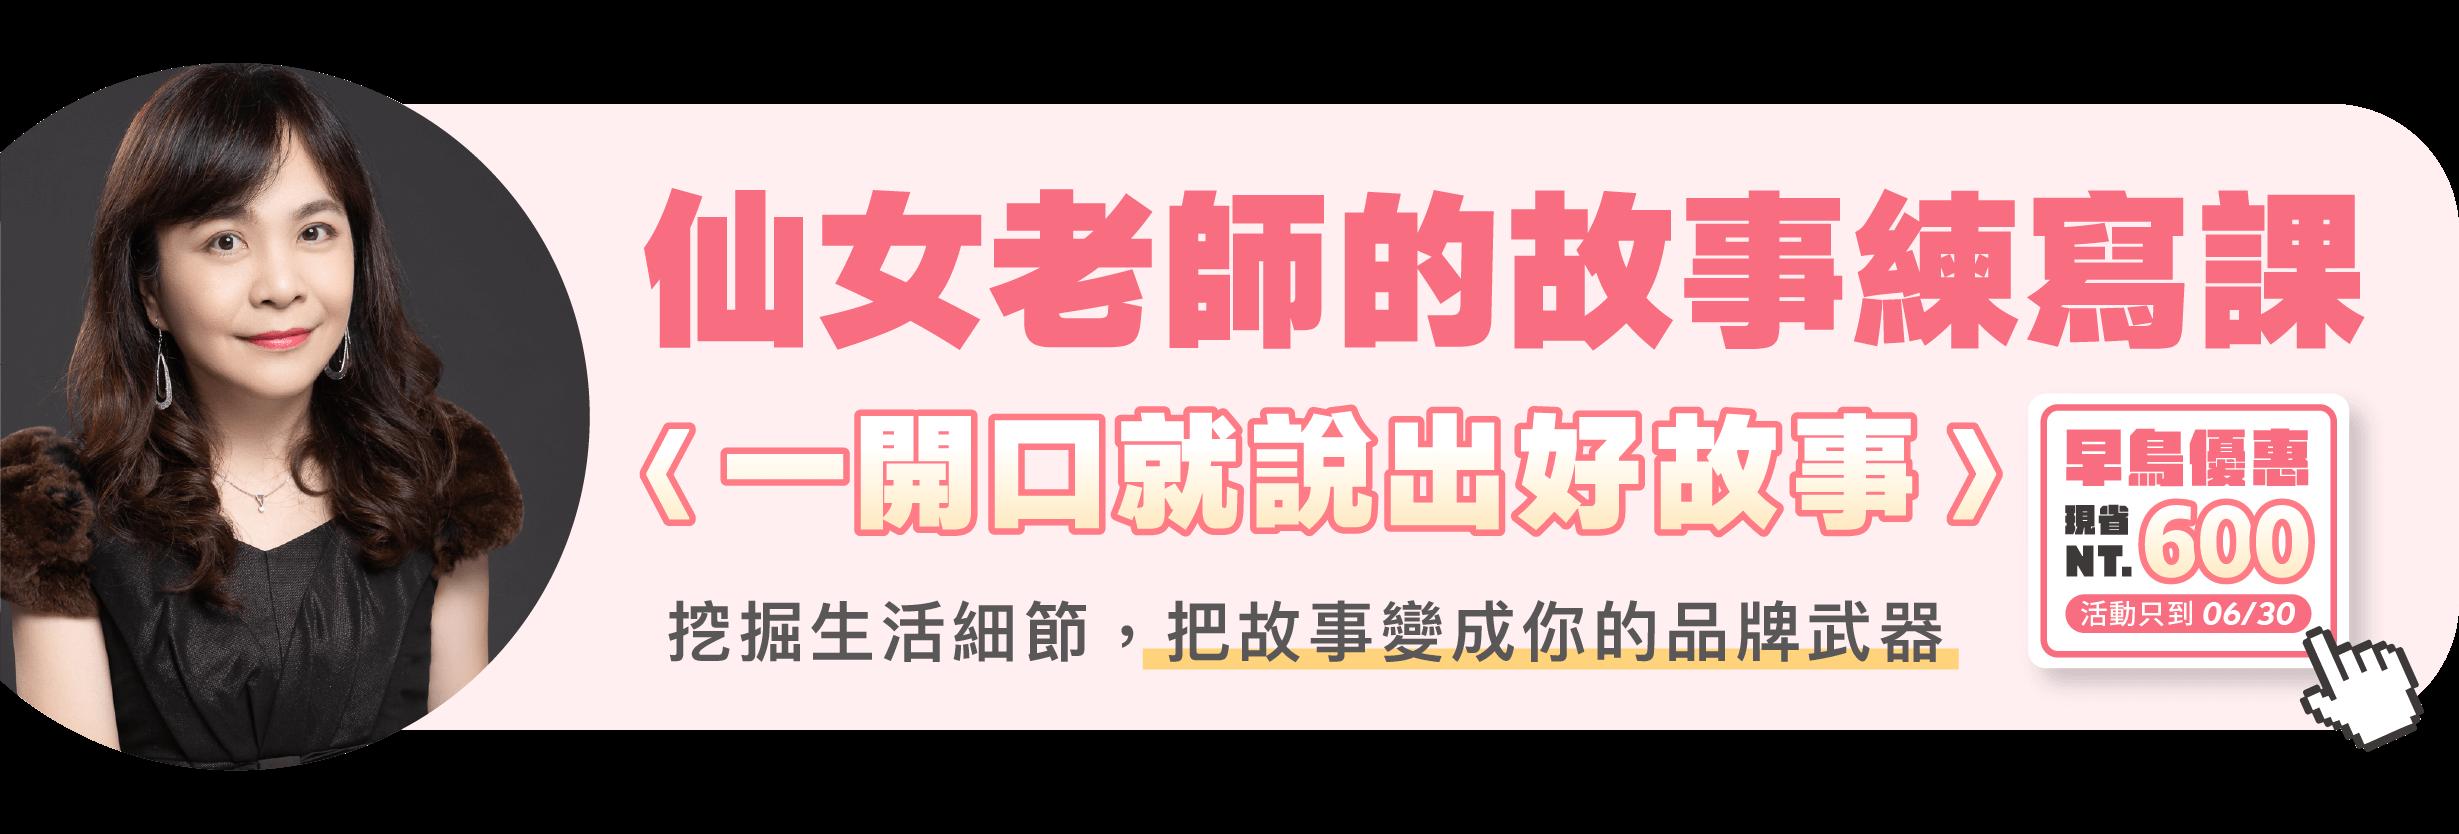 仙女老師故事練寫課